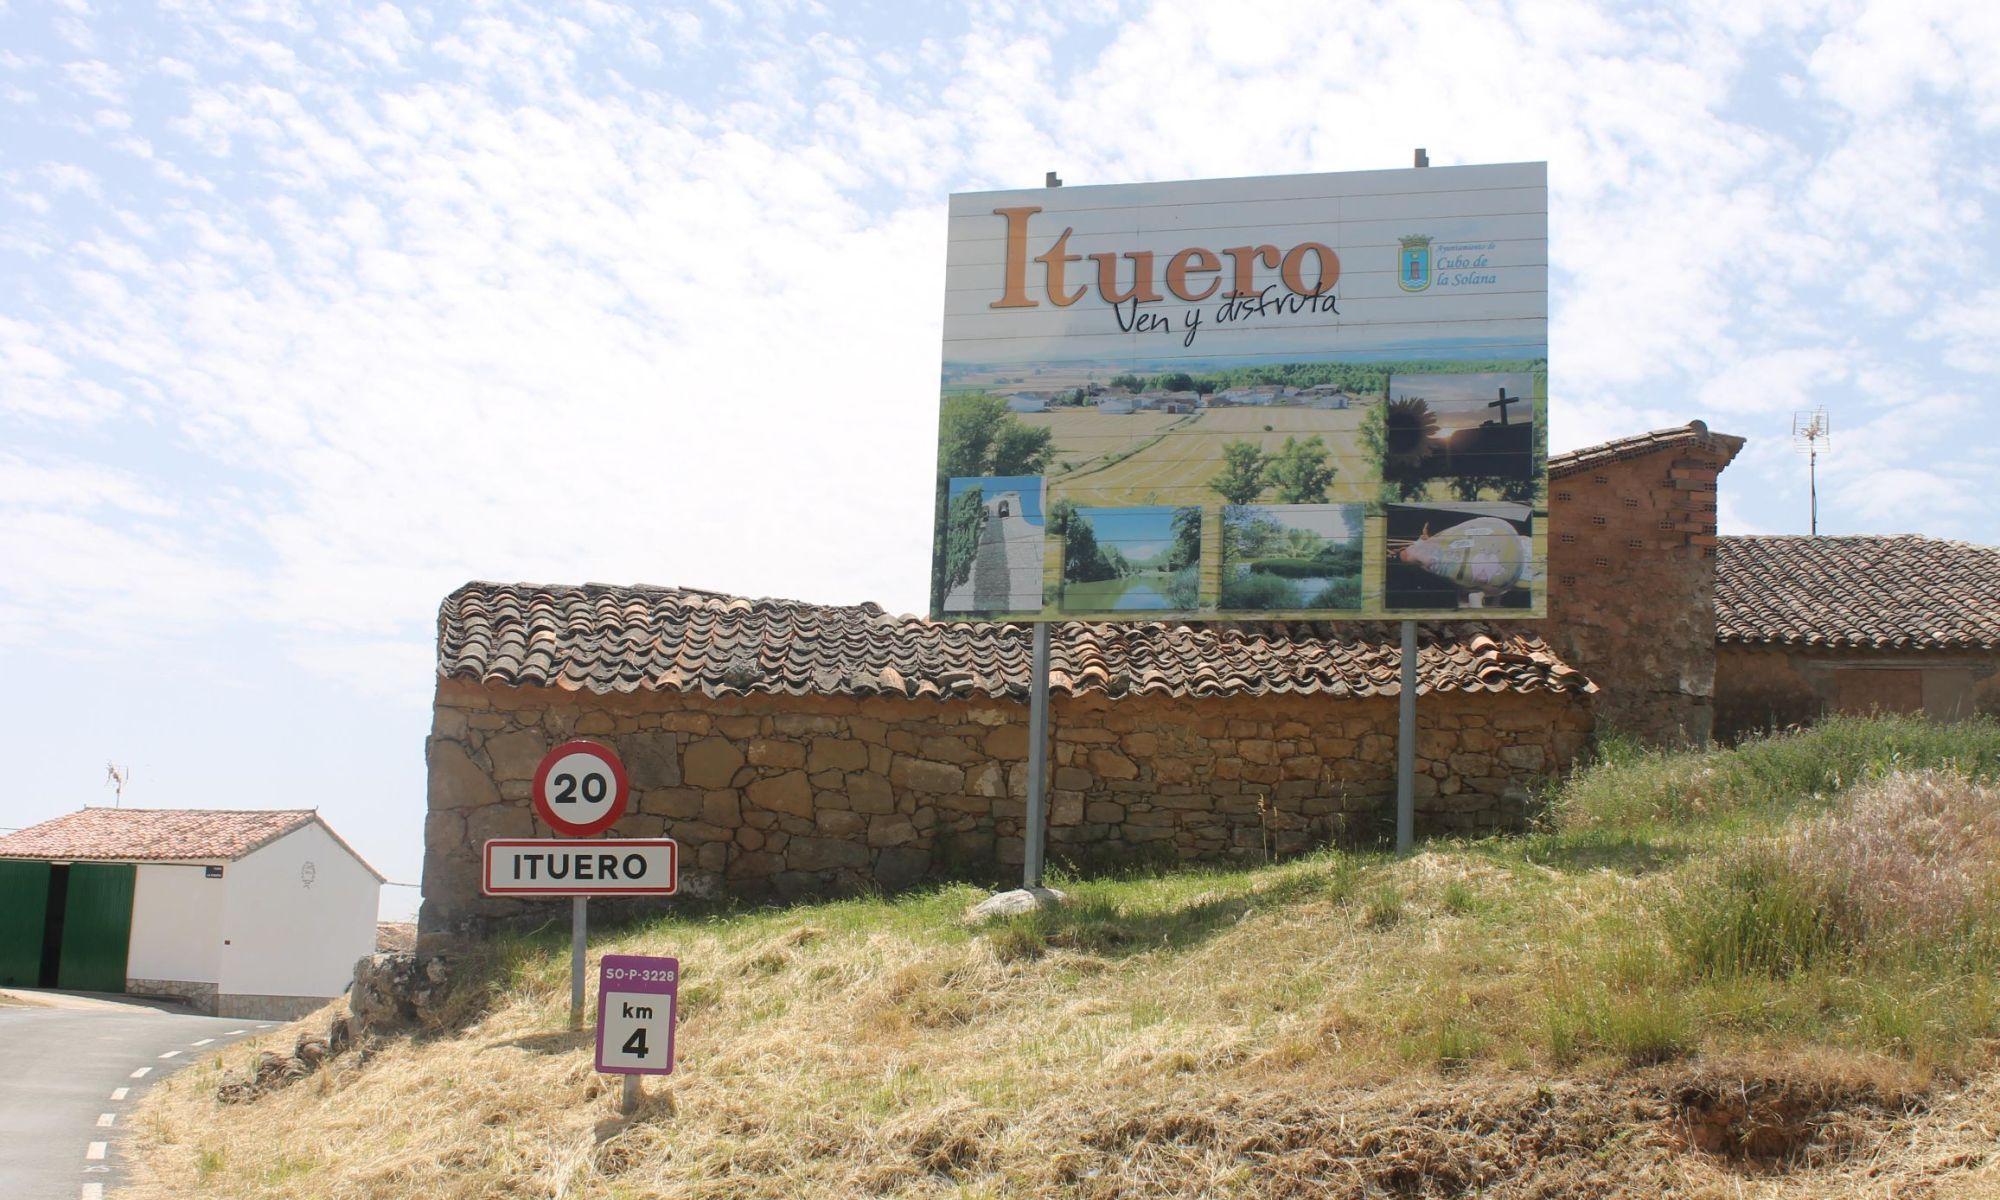 Entrada a Ituero